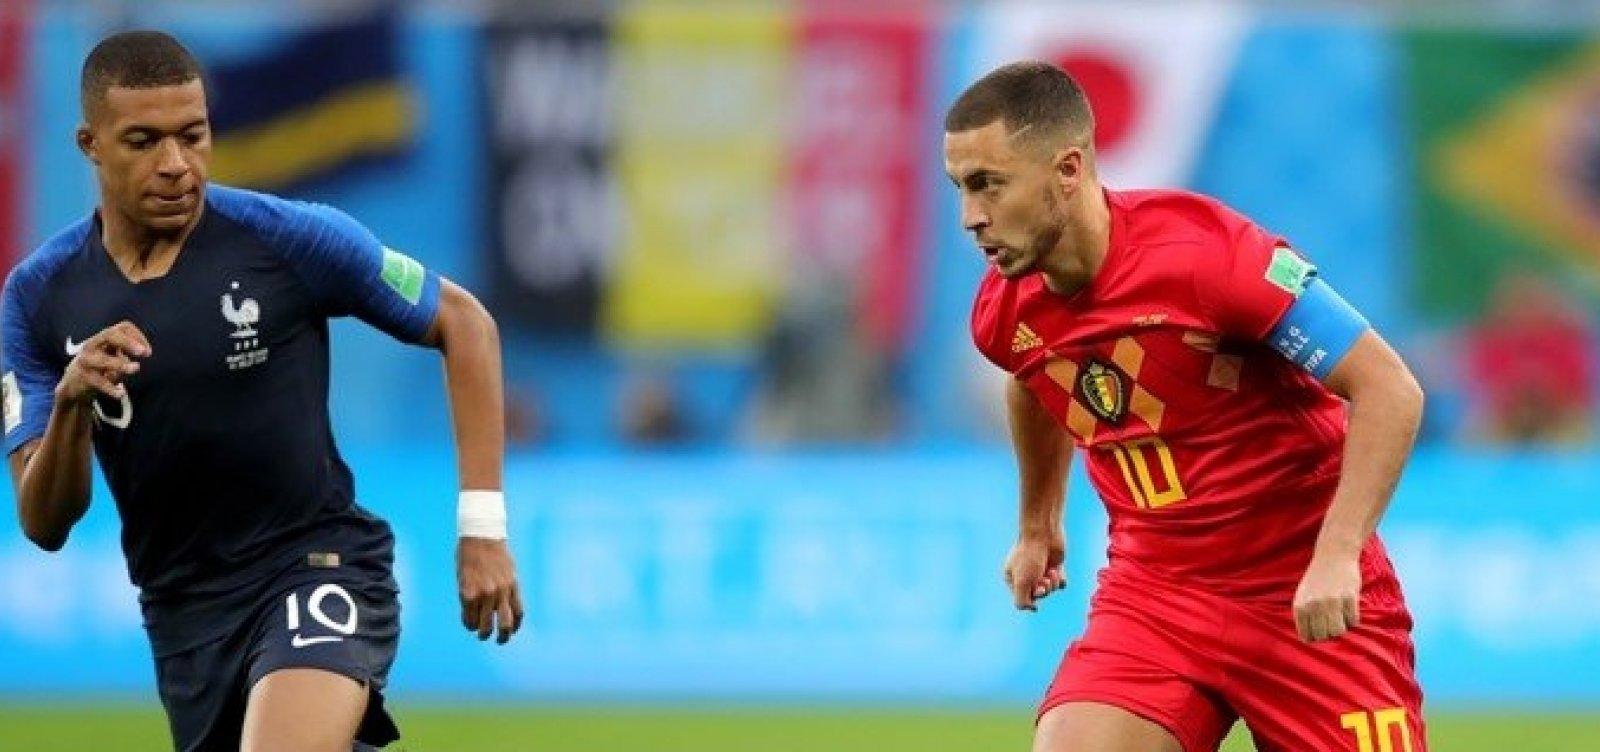 [Bélgica e França dividem liderança no ranking da Fifa]